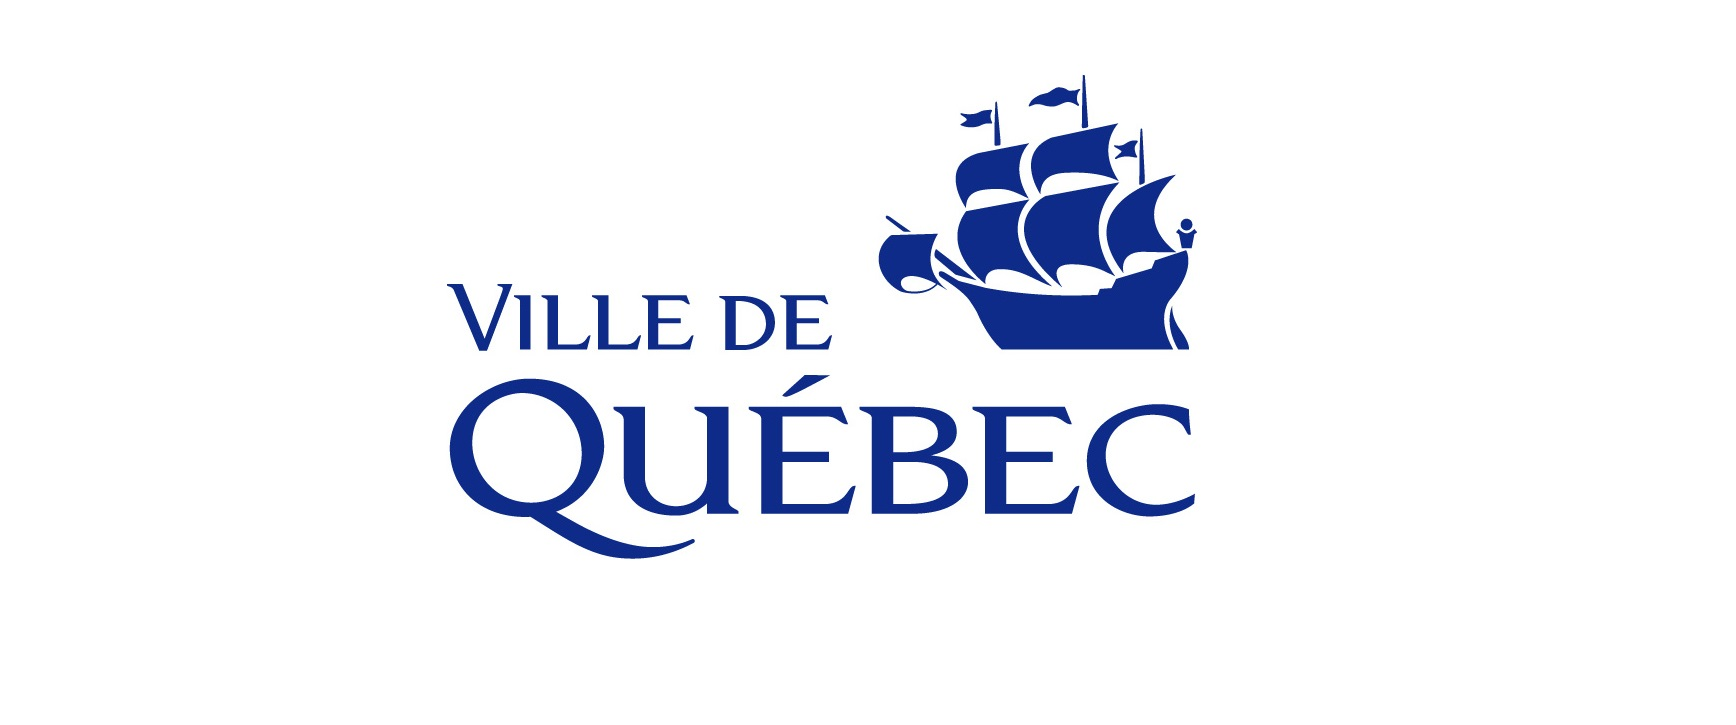 La Ville de Québec lance l'appel de candidatures pour le PrixVille de Québec